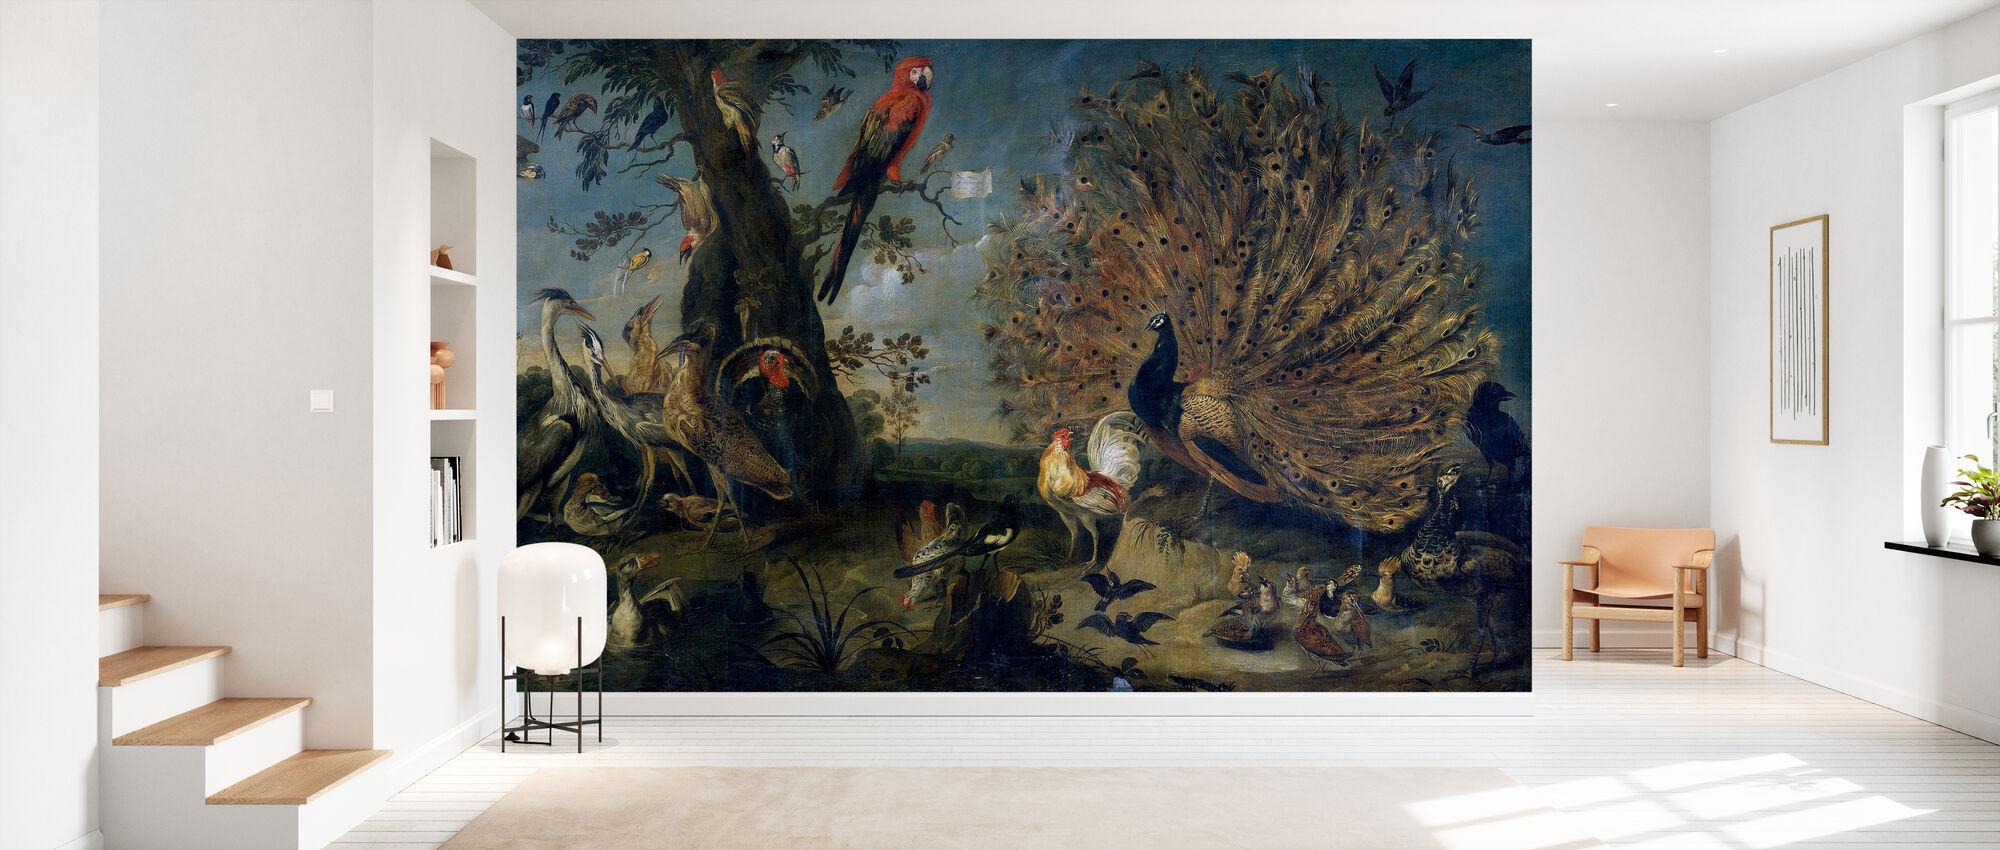 Concert of Birds - Frans Snyders - Wallpaper - Hallway